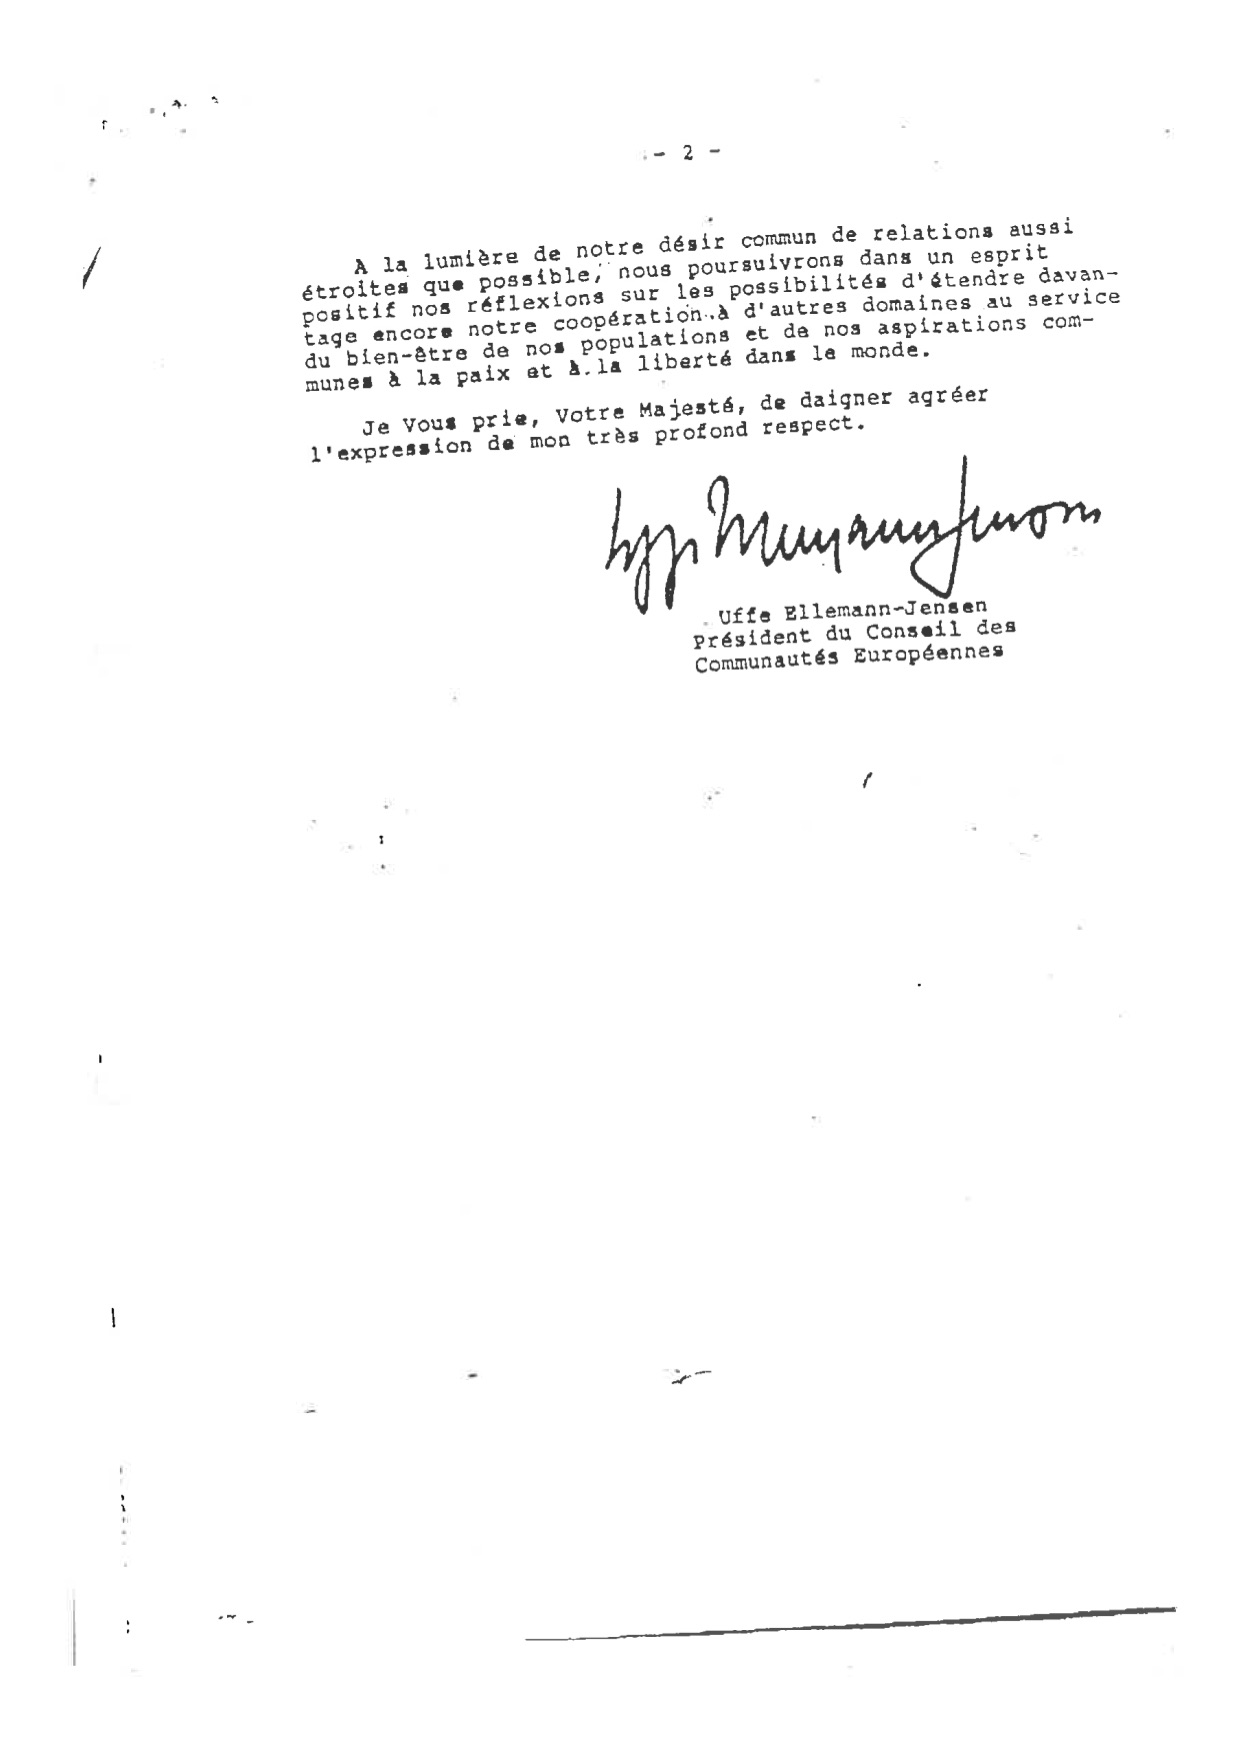 Reponse du President du Conseil Hassan II lettre du 01.10.1987 bis